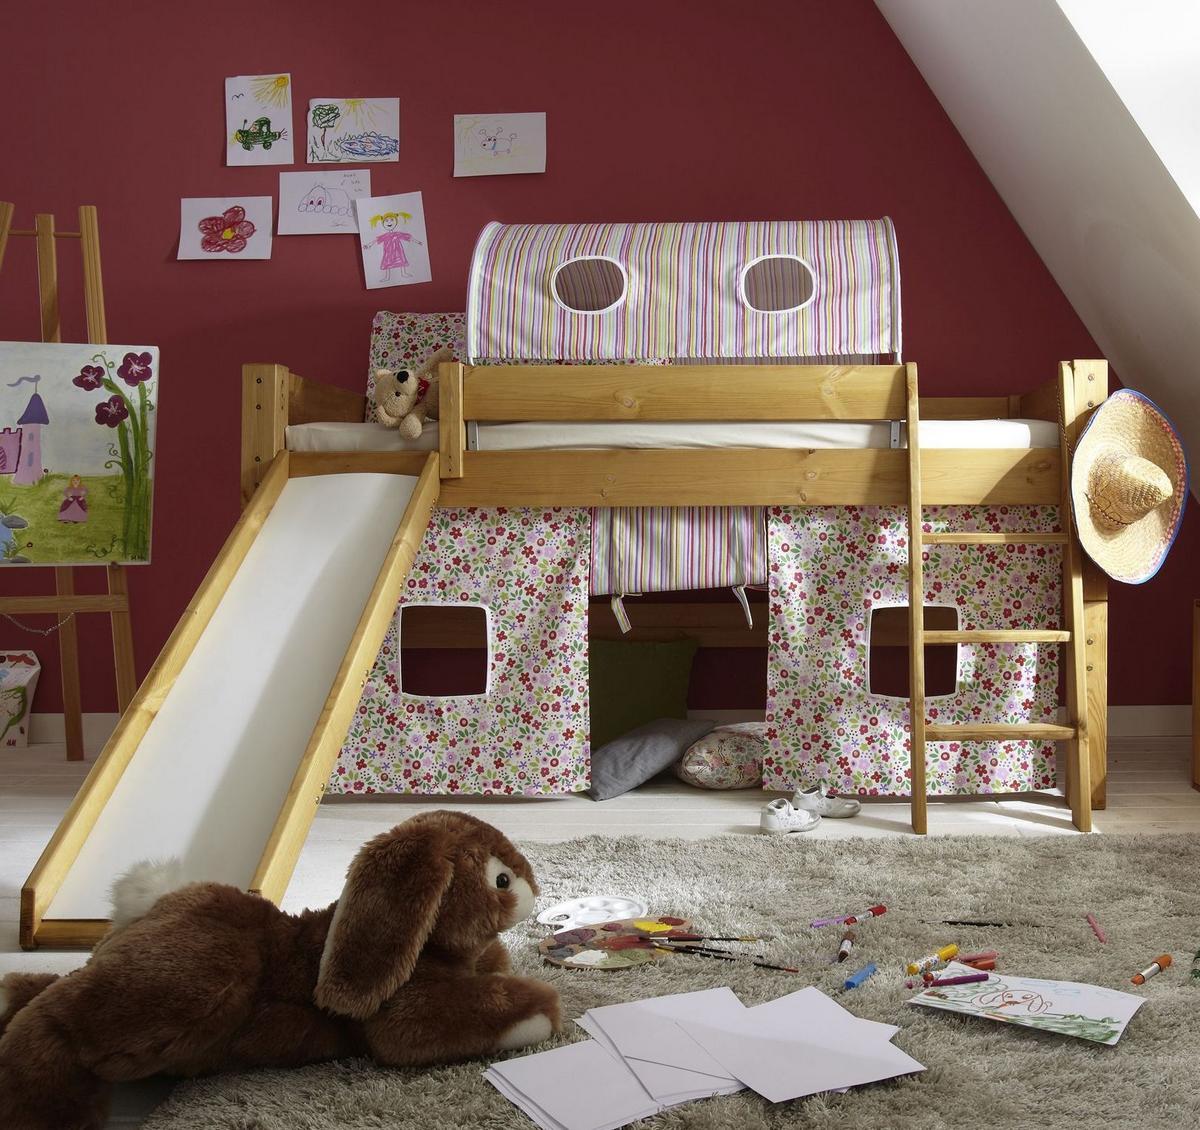 hochbetten mit rutsche hochbett mit rutsche und schaukel. Black Bedroom Furniture Sets. Home Design Ideas